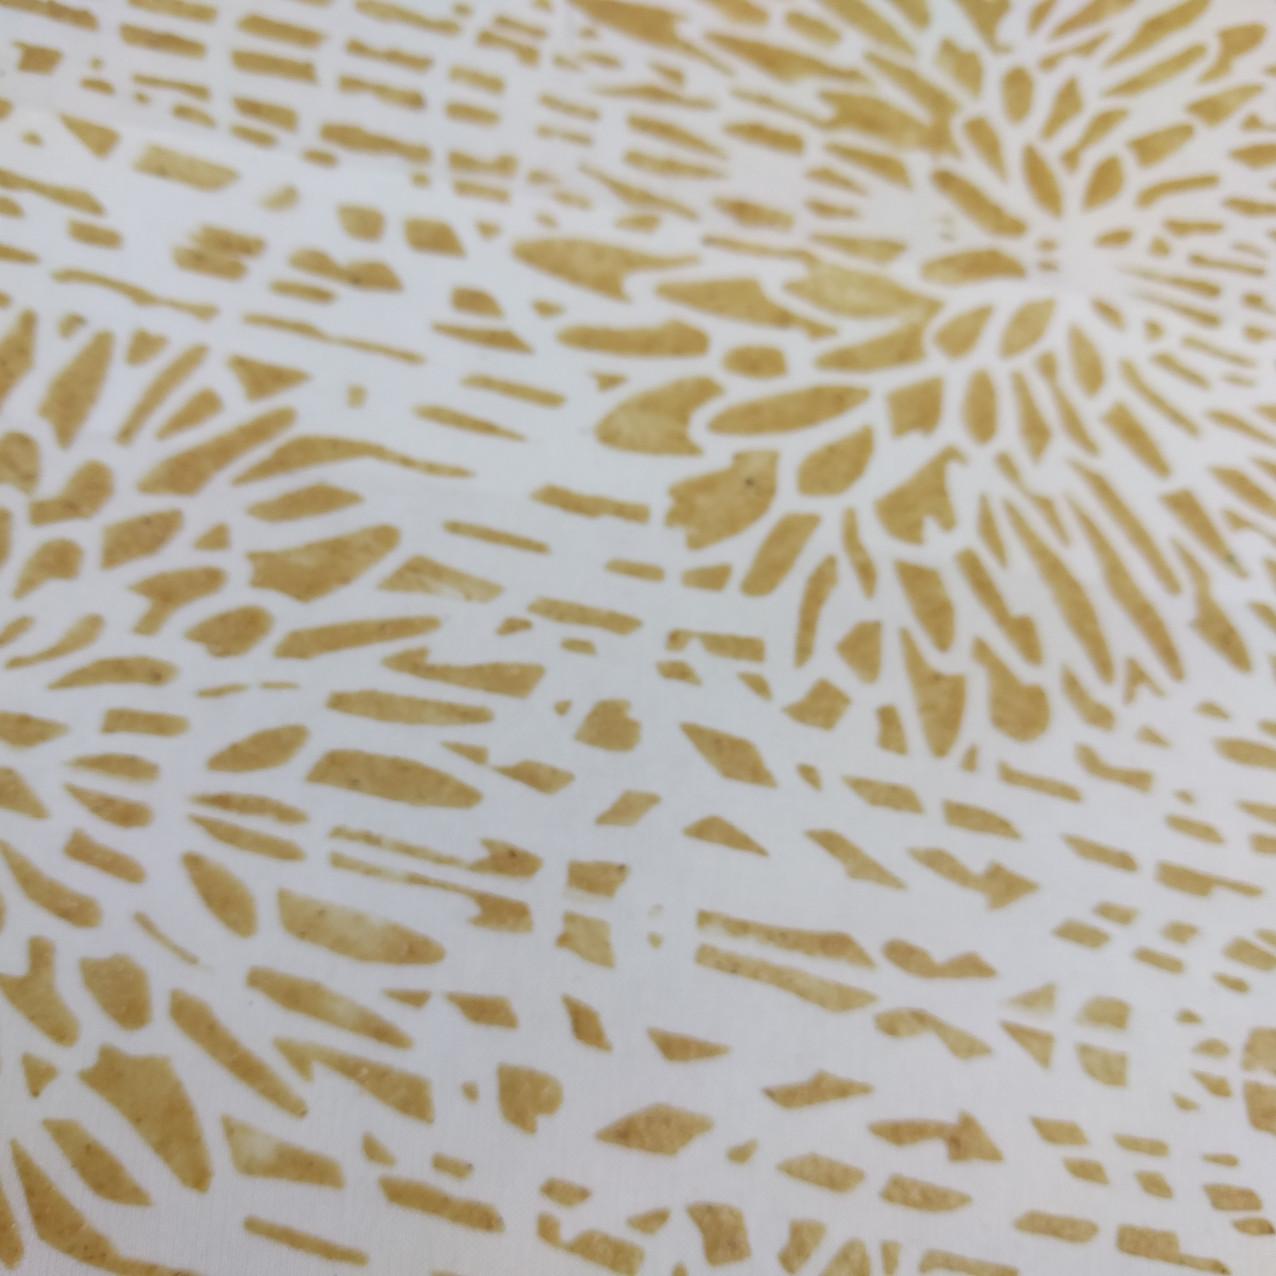 SD work Stencilled rice paste close up